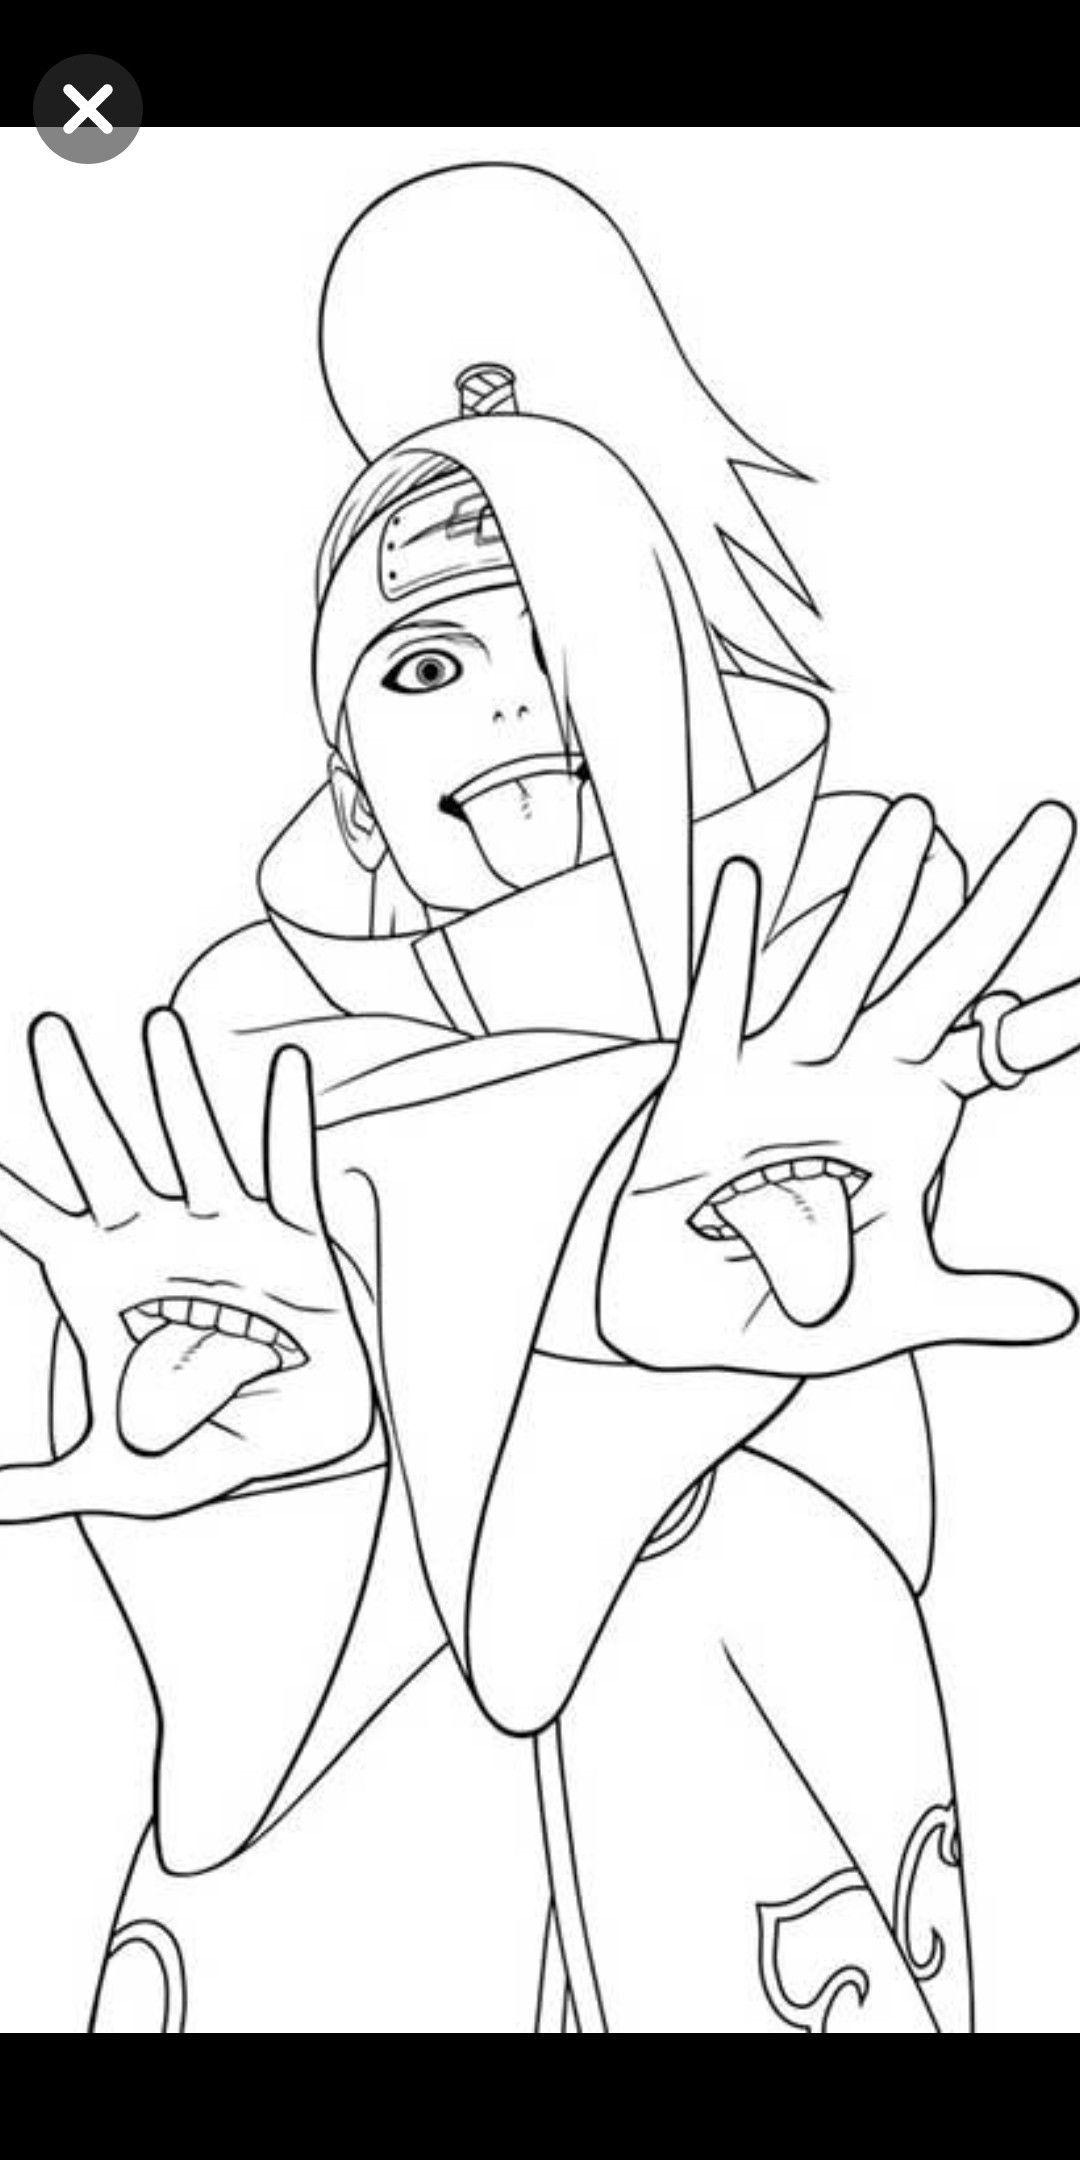 Pin by Bachi Narchemashvili on Character drawing Naruto